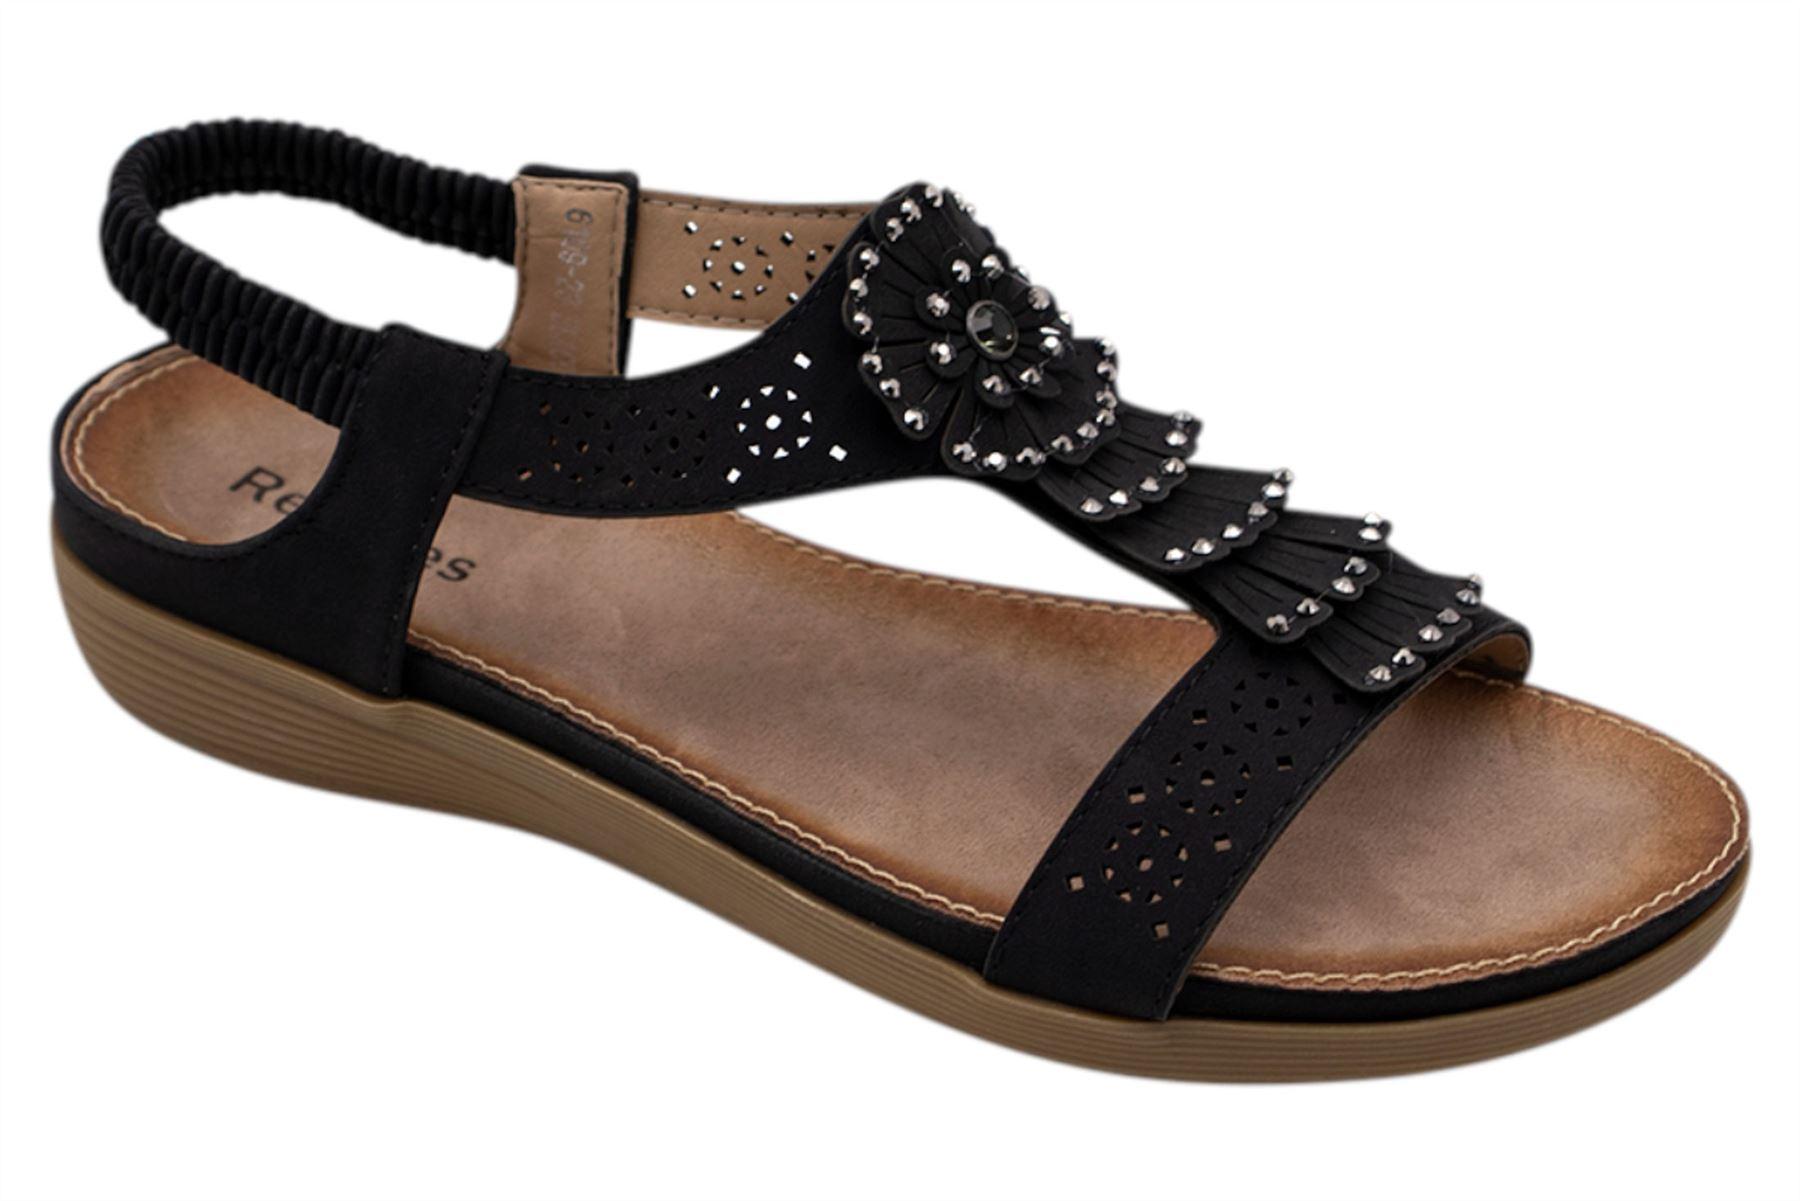 Ladies-Sandals-Womens-Shiny-Flat-Flip-Flop-Beach-Sliders miniatura 20